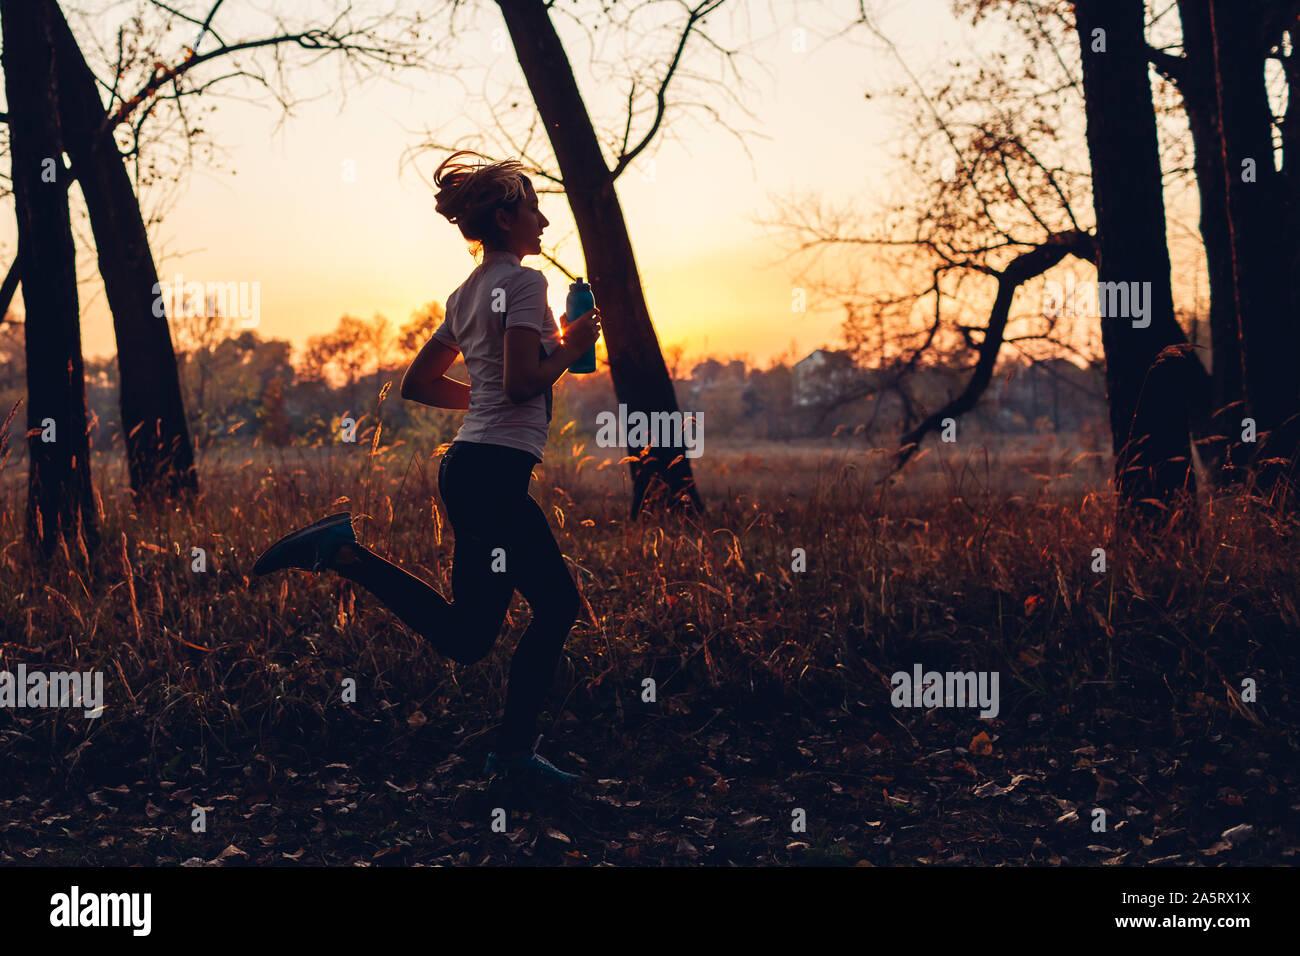 Runner formación en otoño de parque. Mujer corriendo con la botella de agua al atardecer. Un estilo de vida activo. Silueta de slim joven Foto de stock